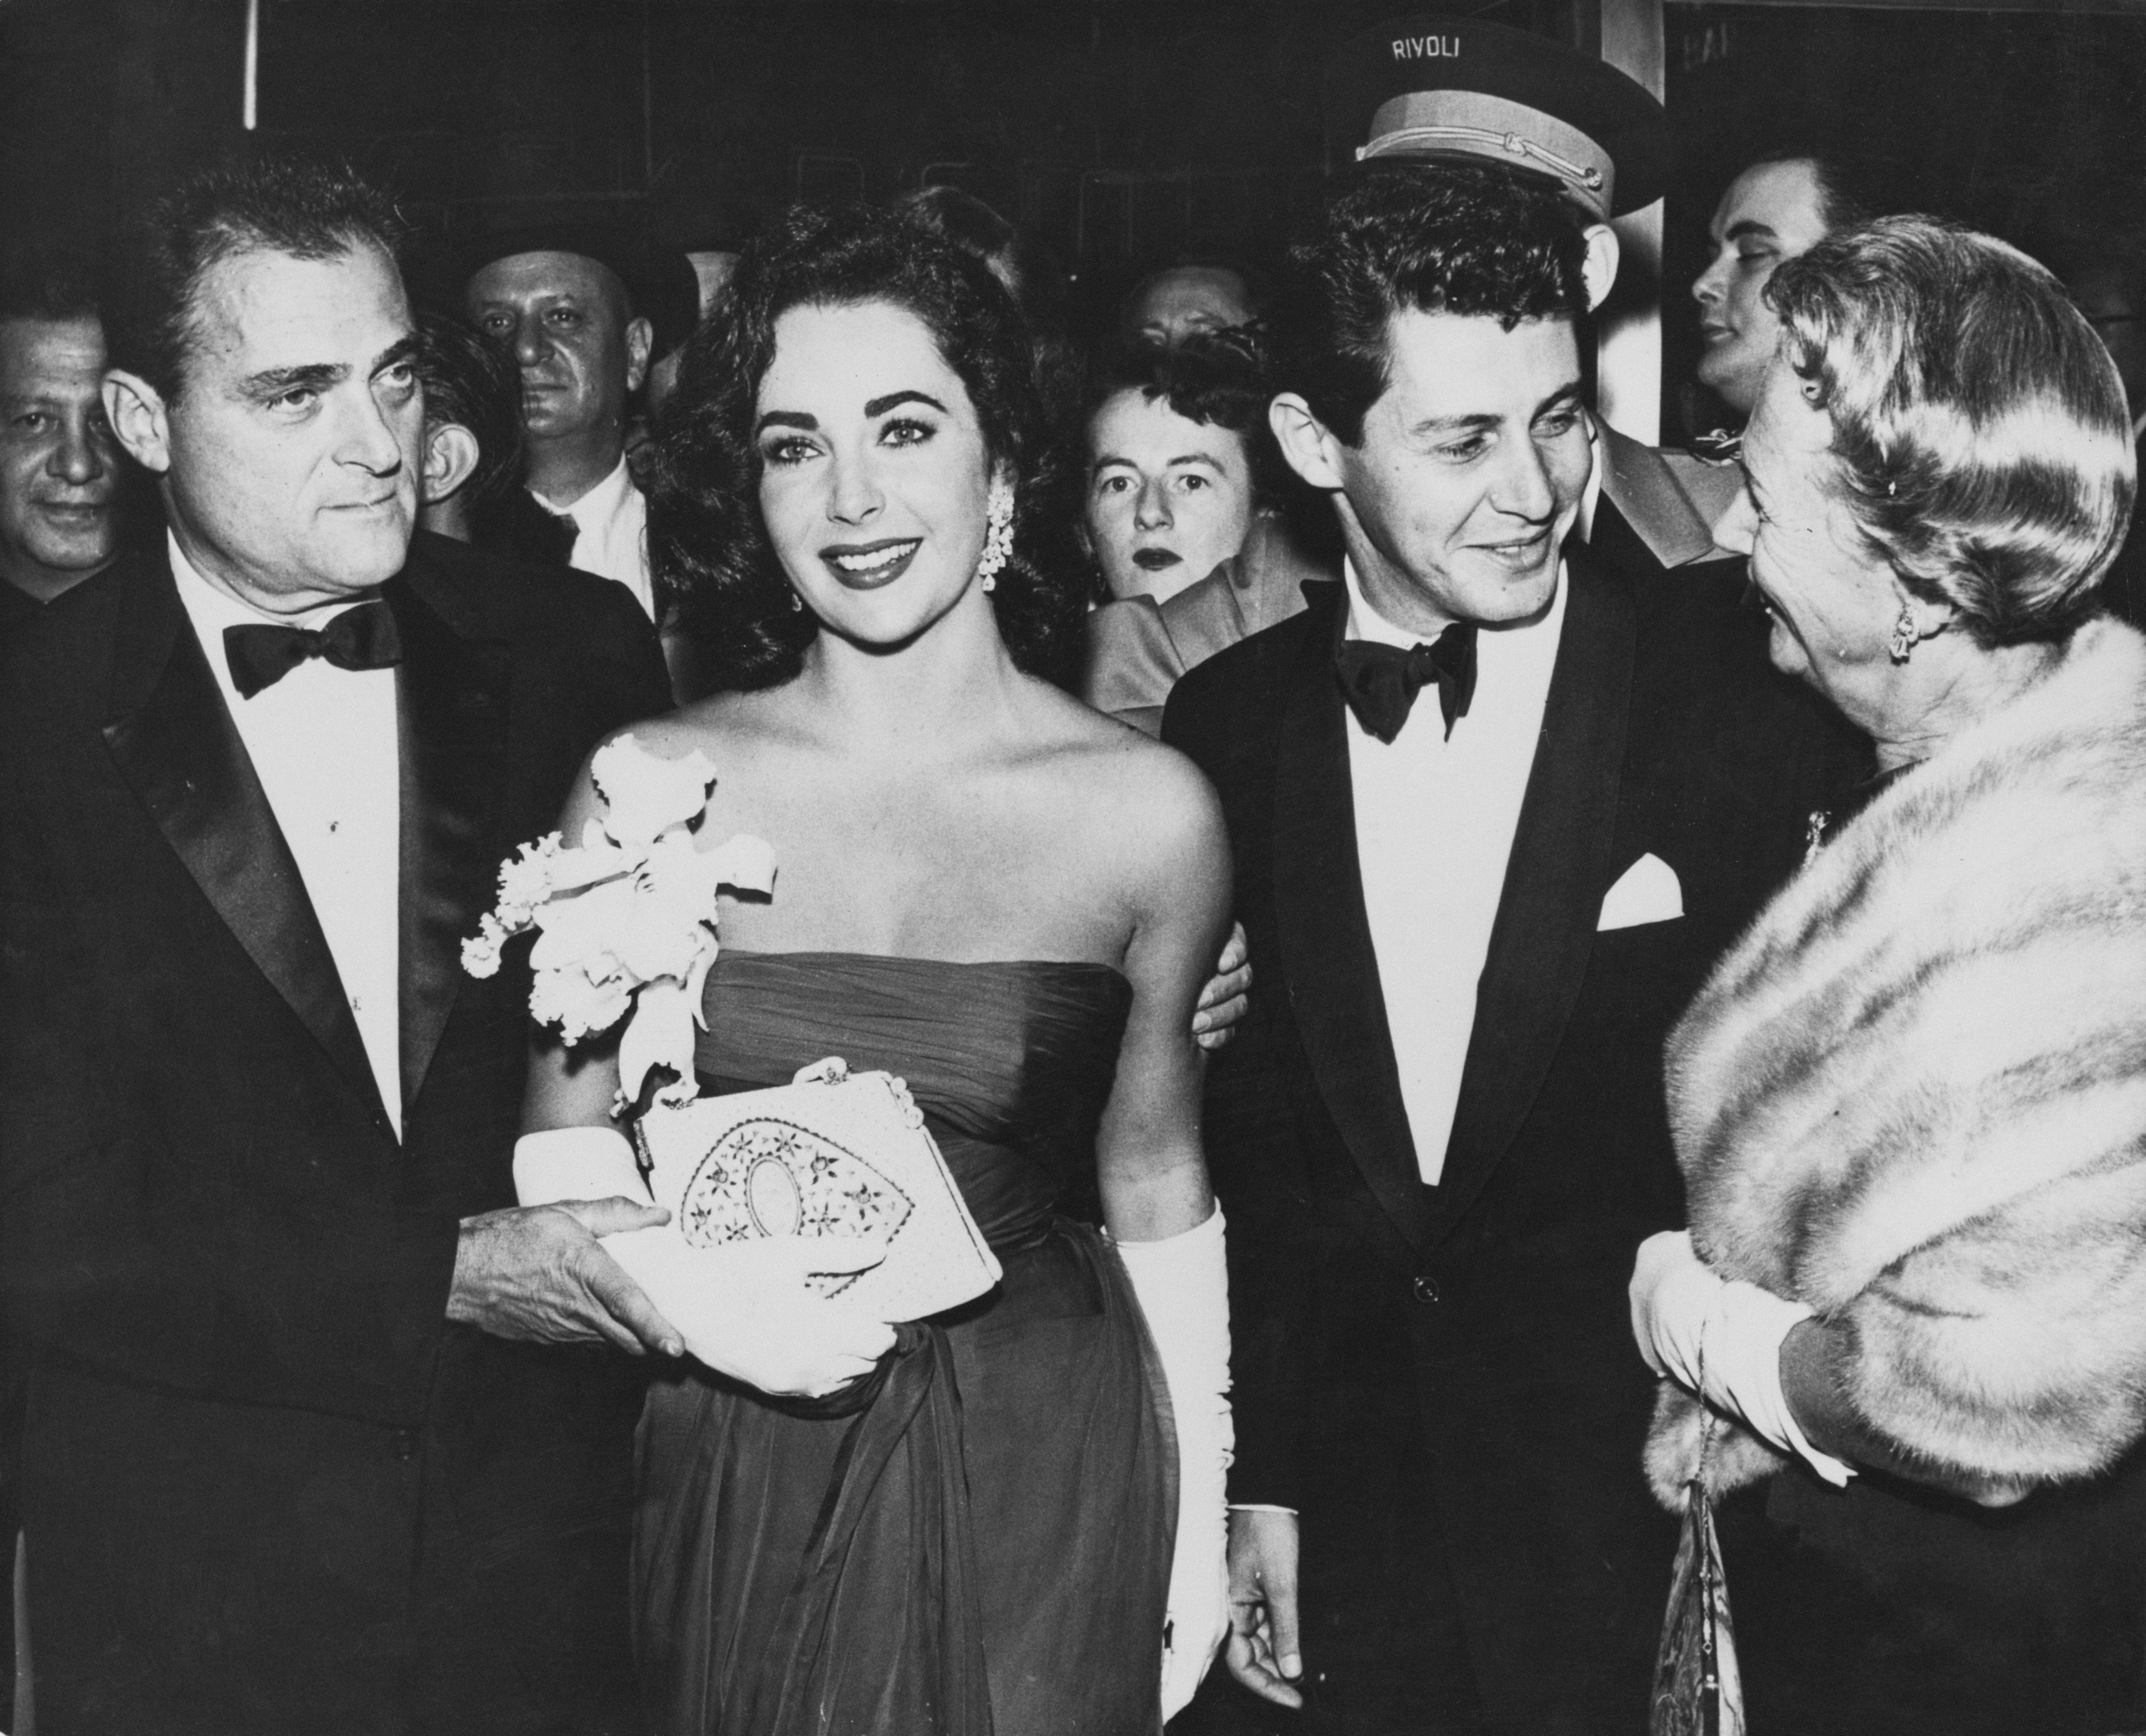 Elizabeth Taylor husbands